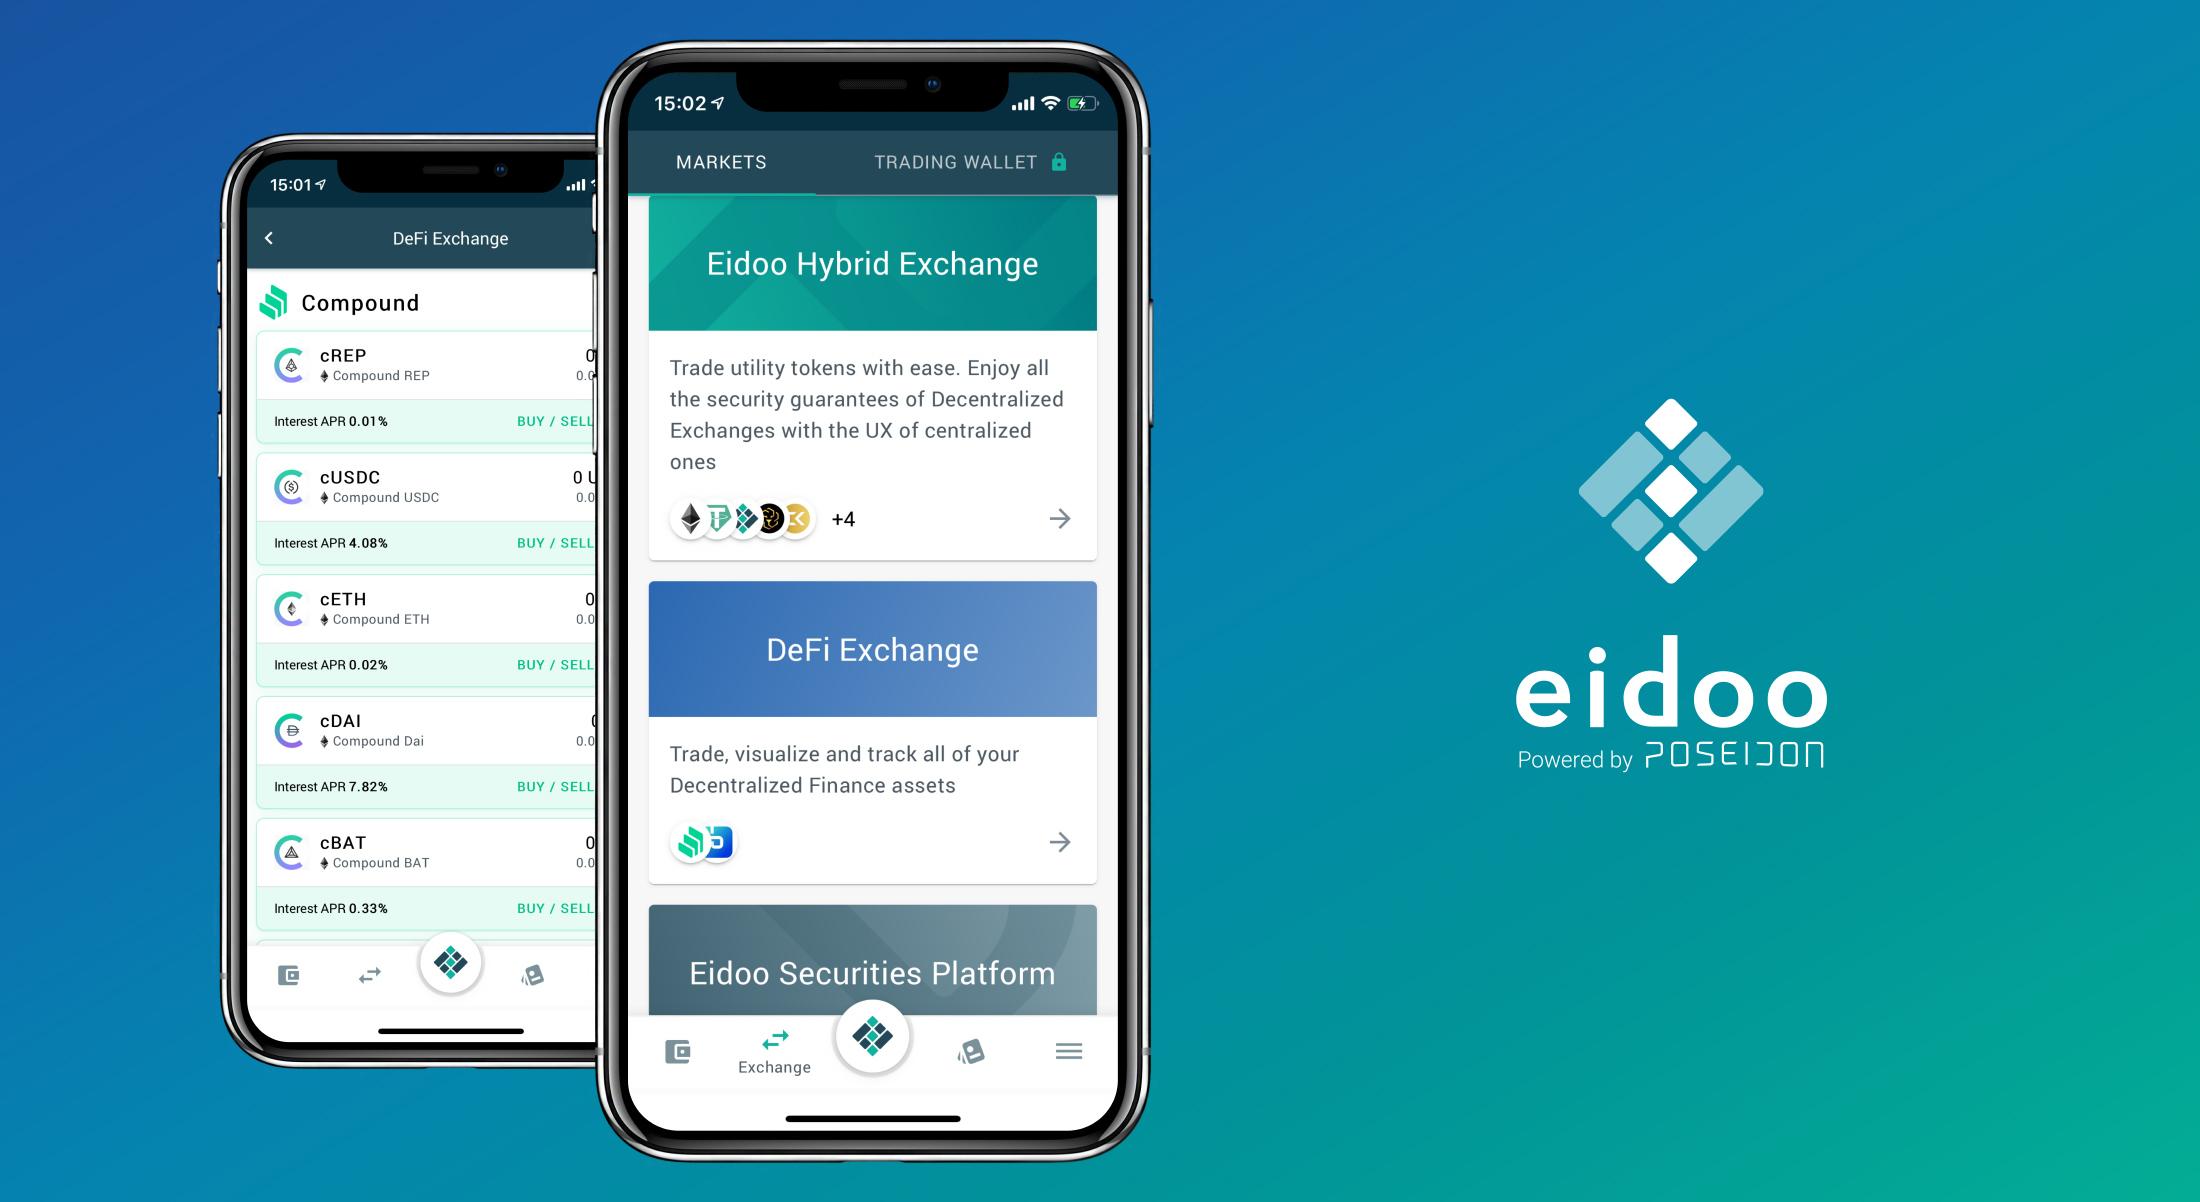 L'exchange DeFi di Eidoo: il tuo gateway verso la DeFi